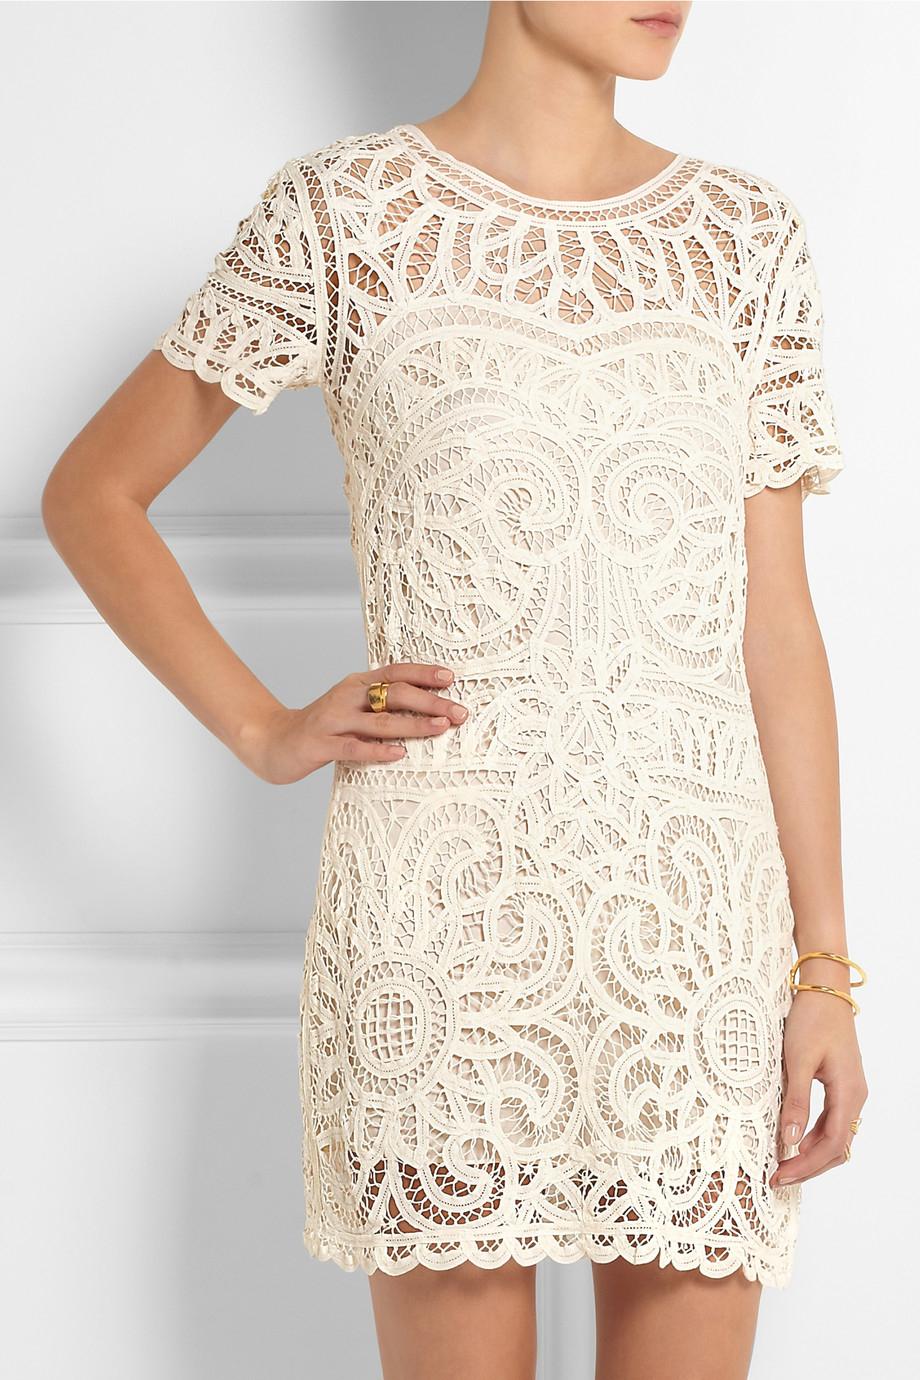 Cotton Lace Wedding Dresses 24